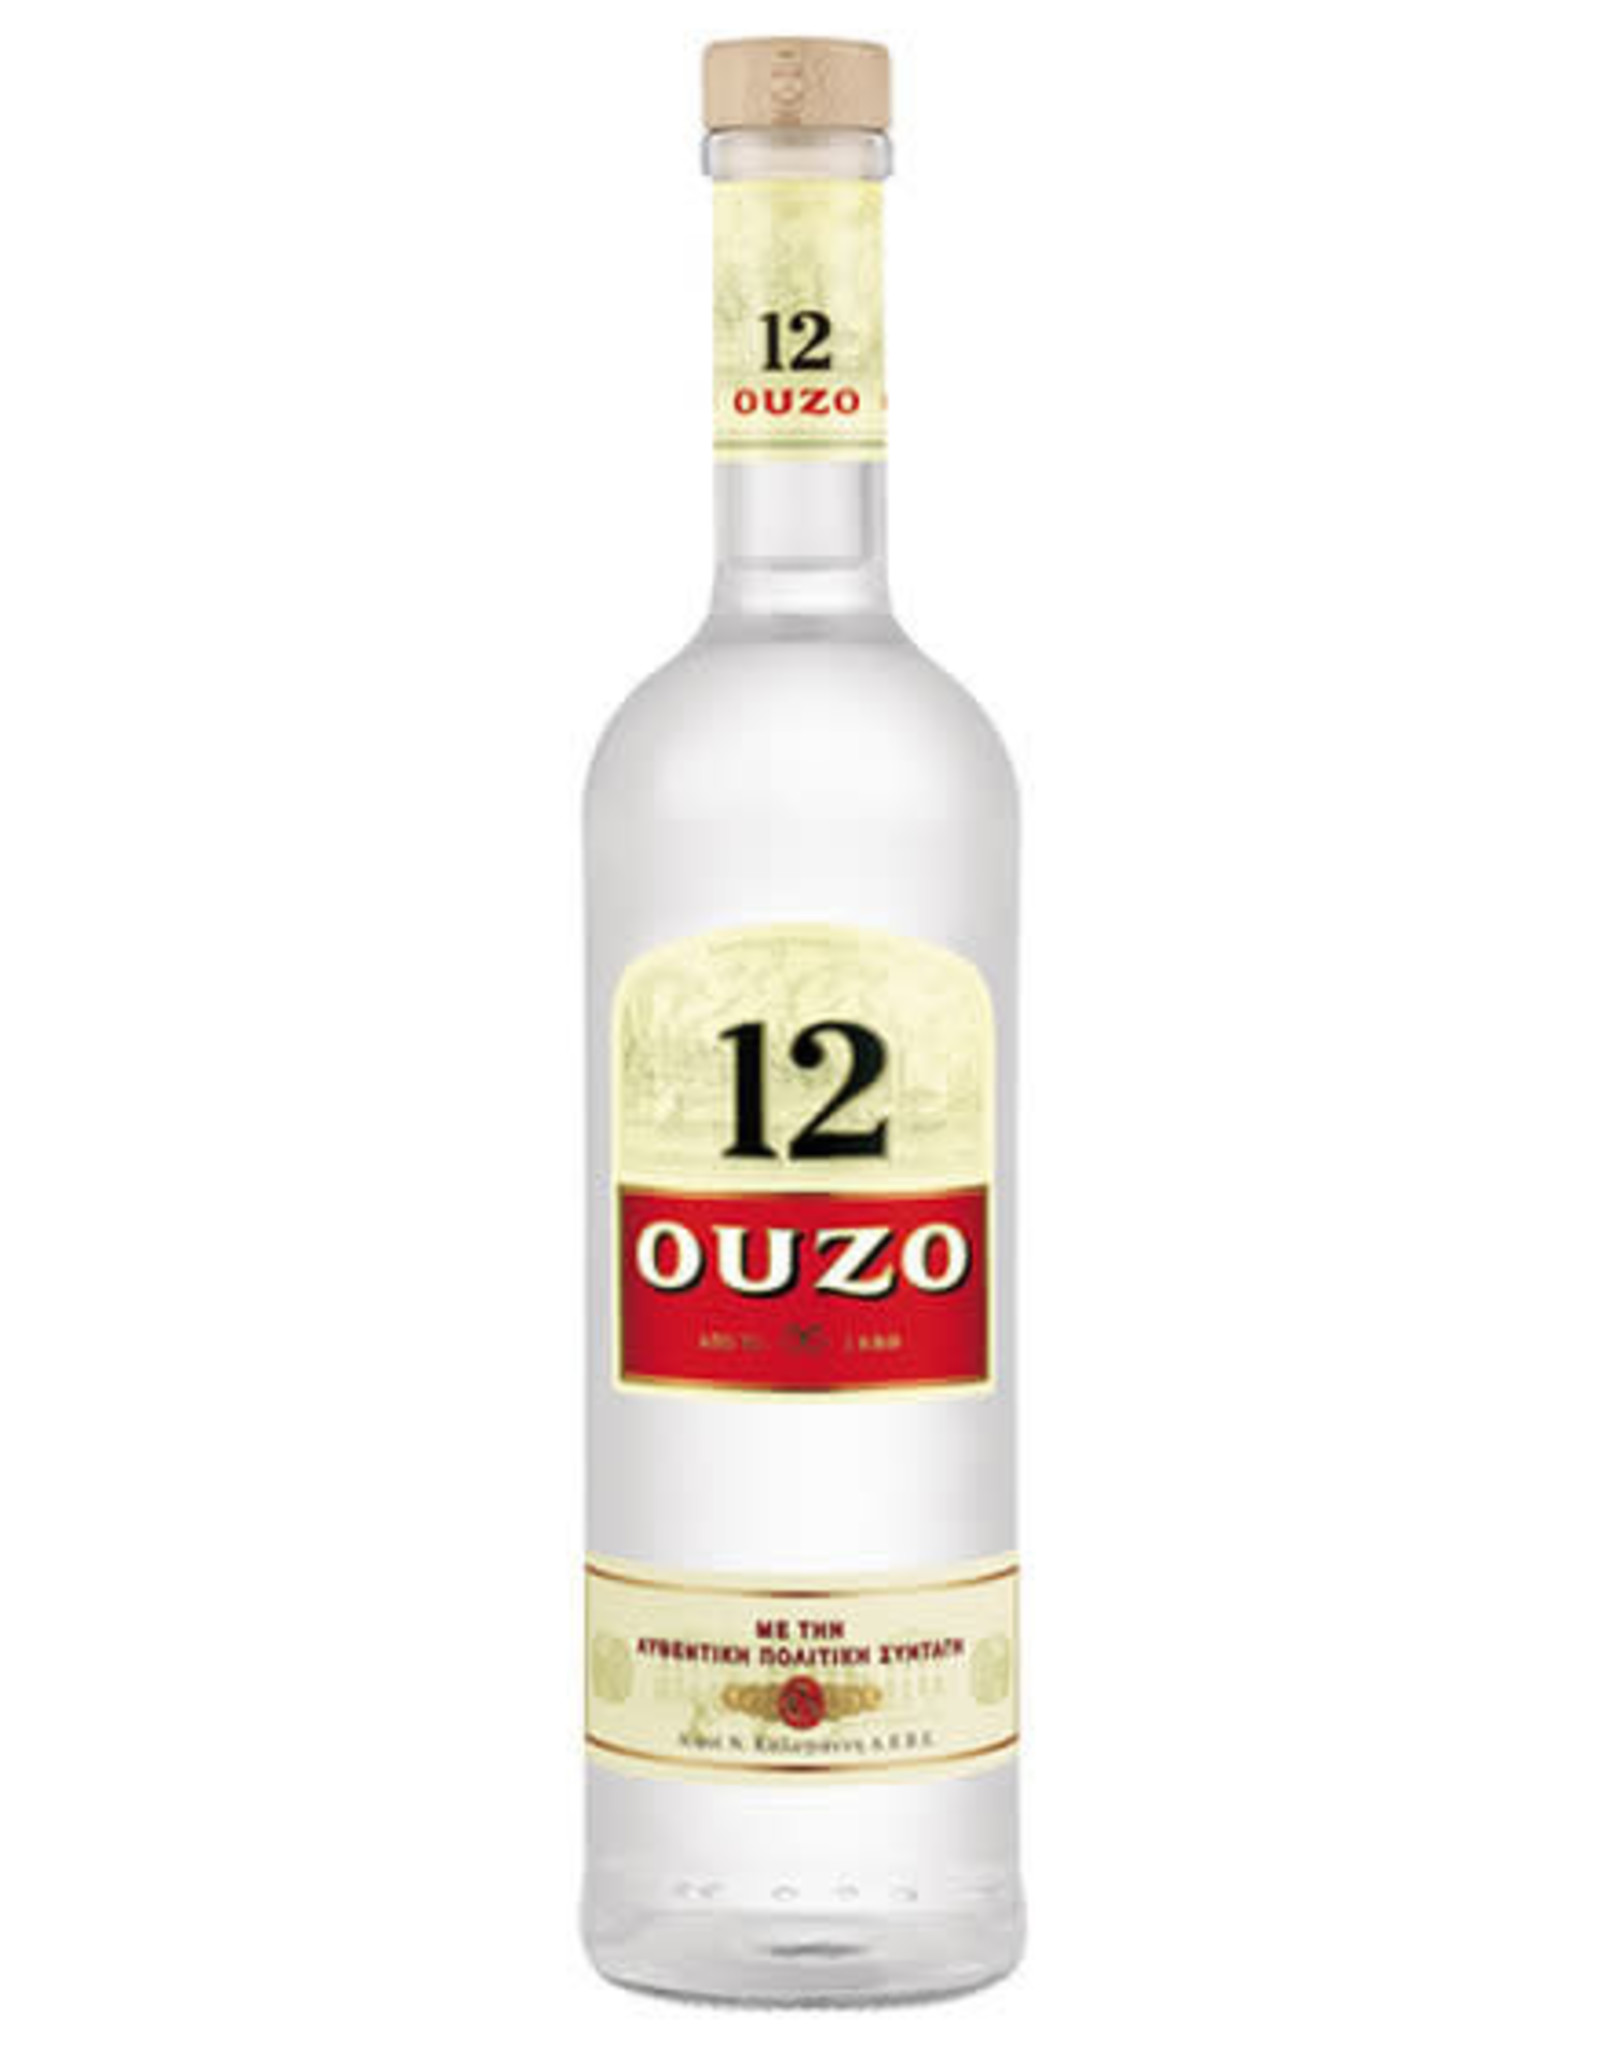 12 OUZO LIQUEUR 750ML